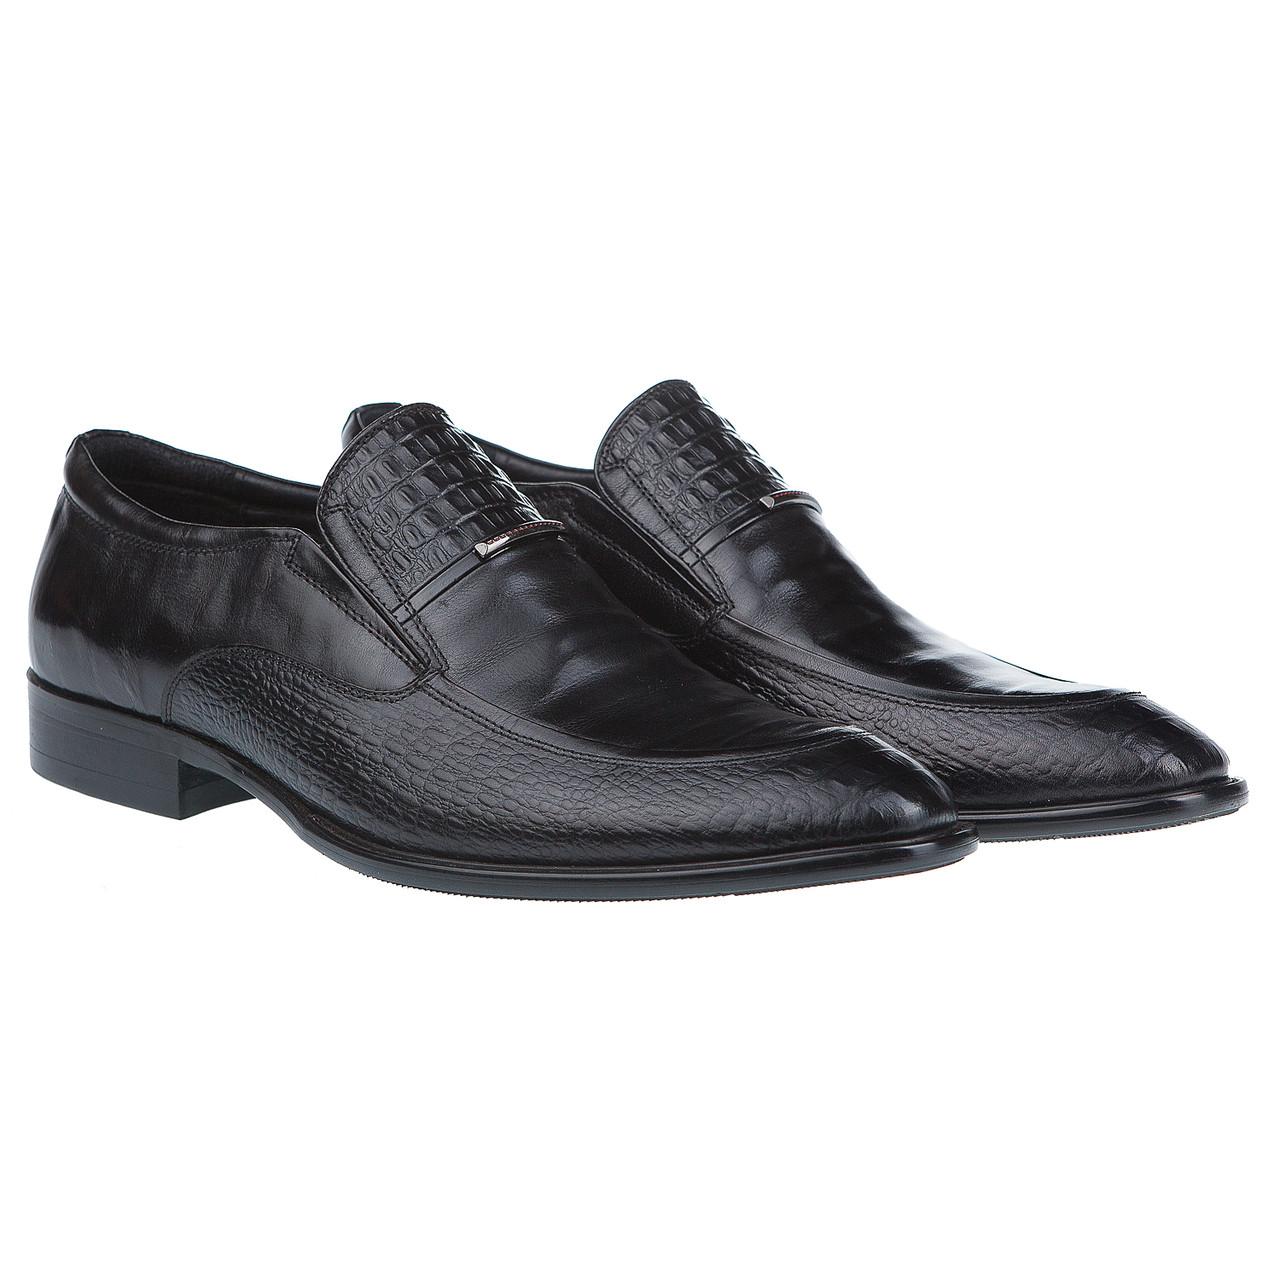 93cc06f39 Классические мужские туфли от Roberto Paulo с вставками из фактурной кожи  (модные, удобные, черного цвета)